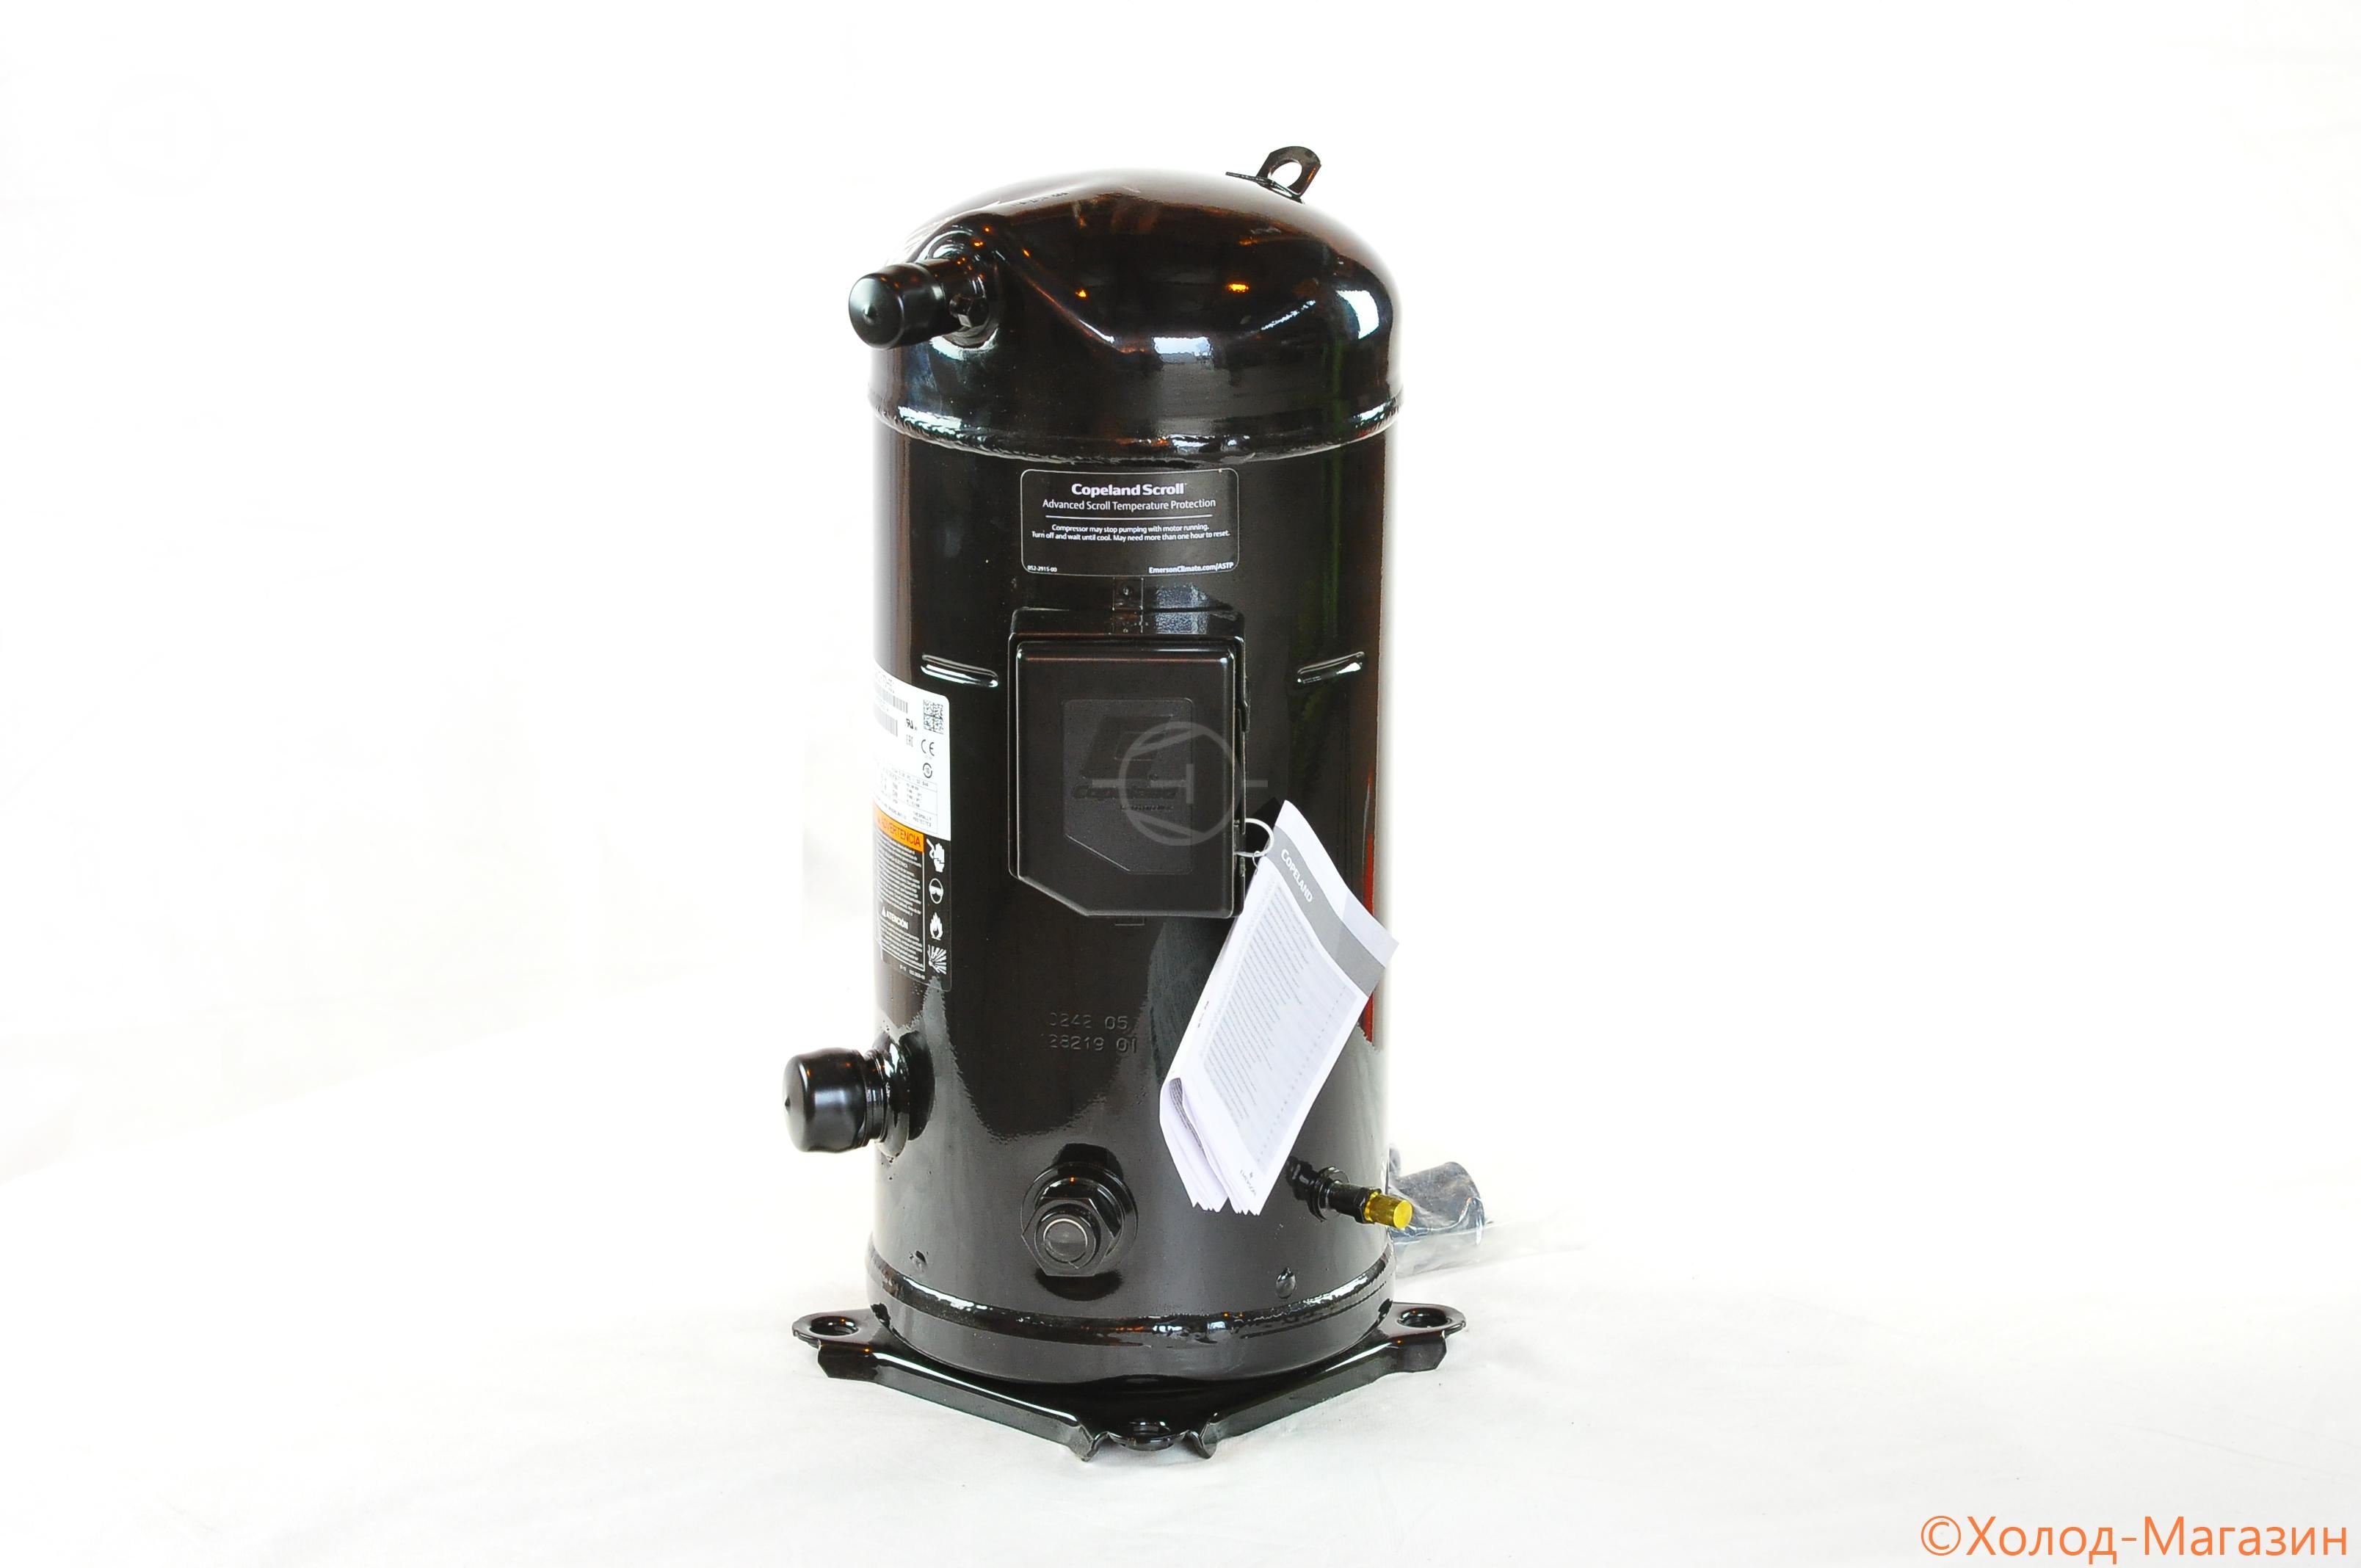 Компрессор спиральный ZB 66 KCE-TFD-551 Copeland, Emerson